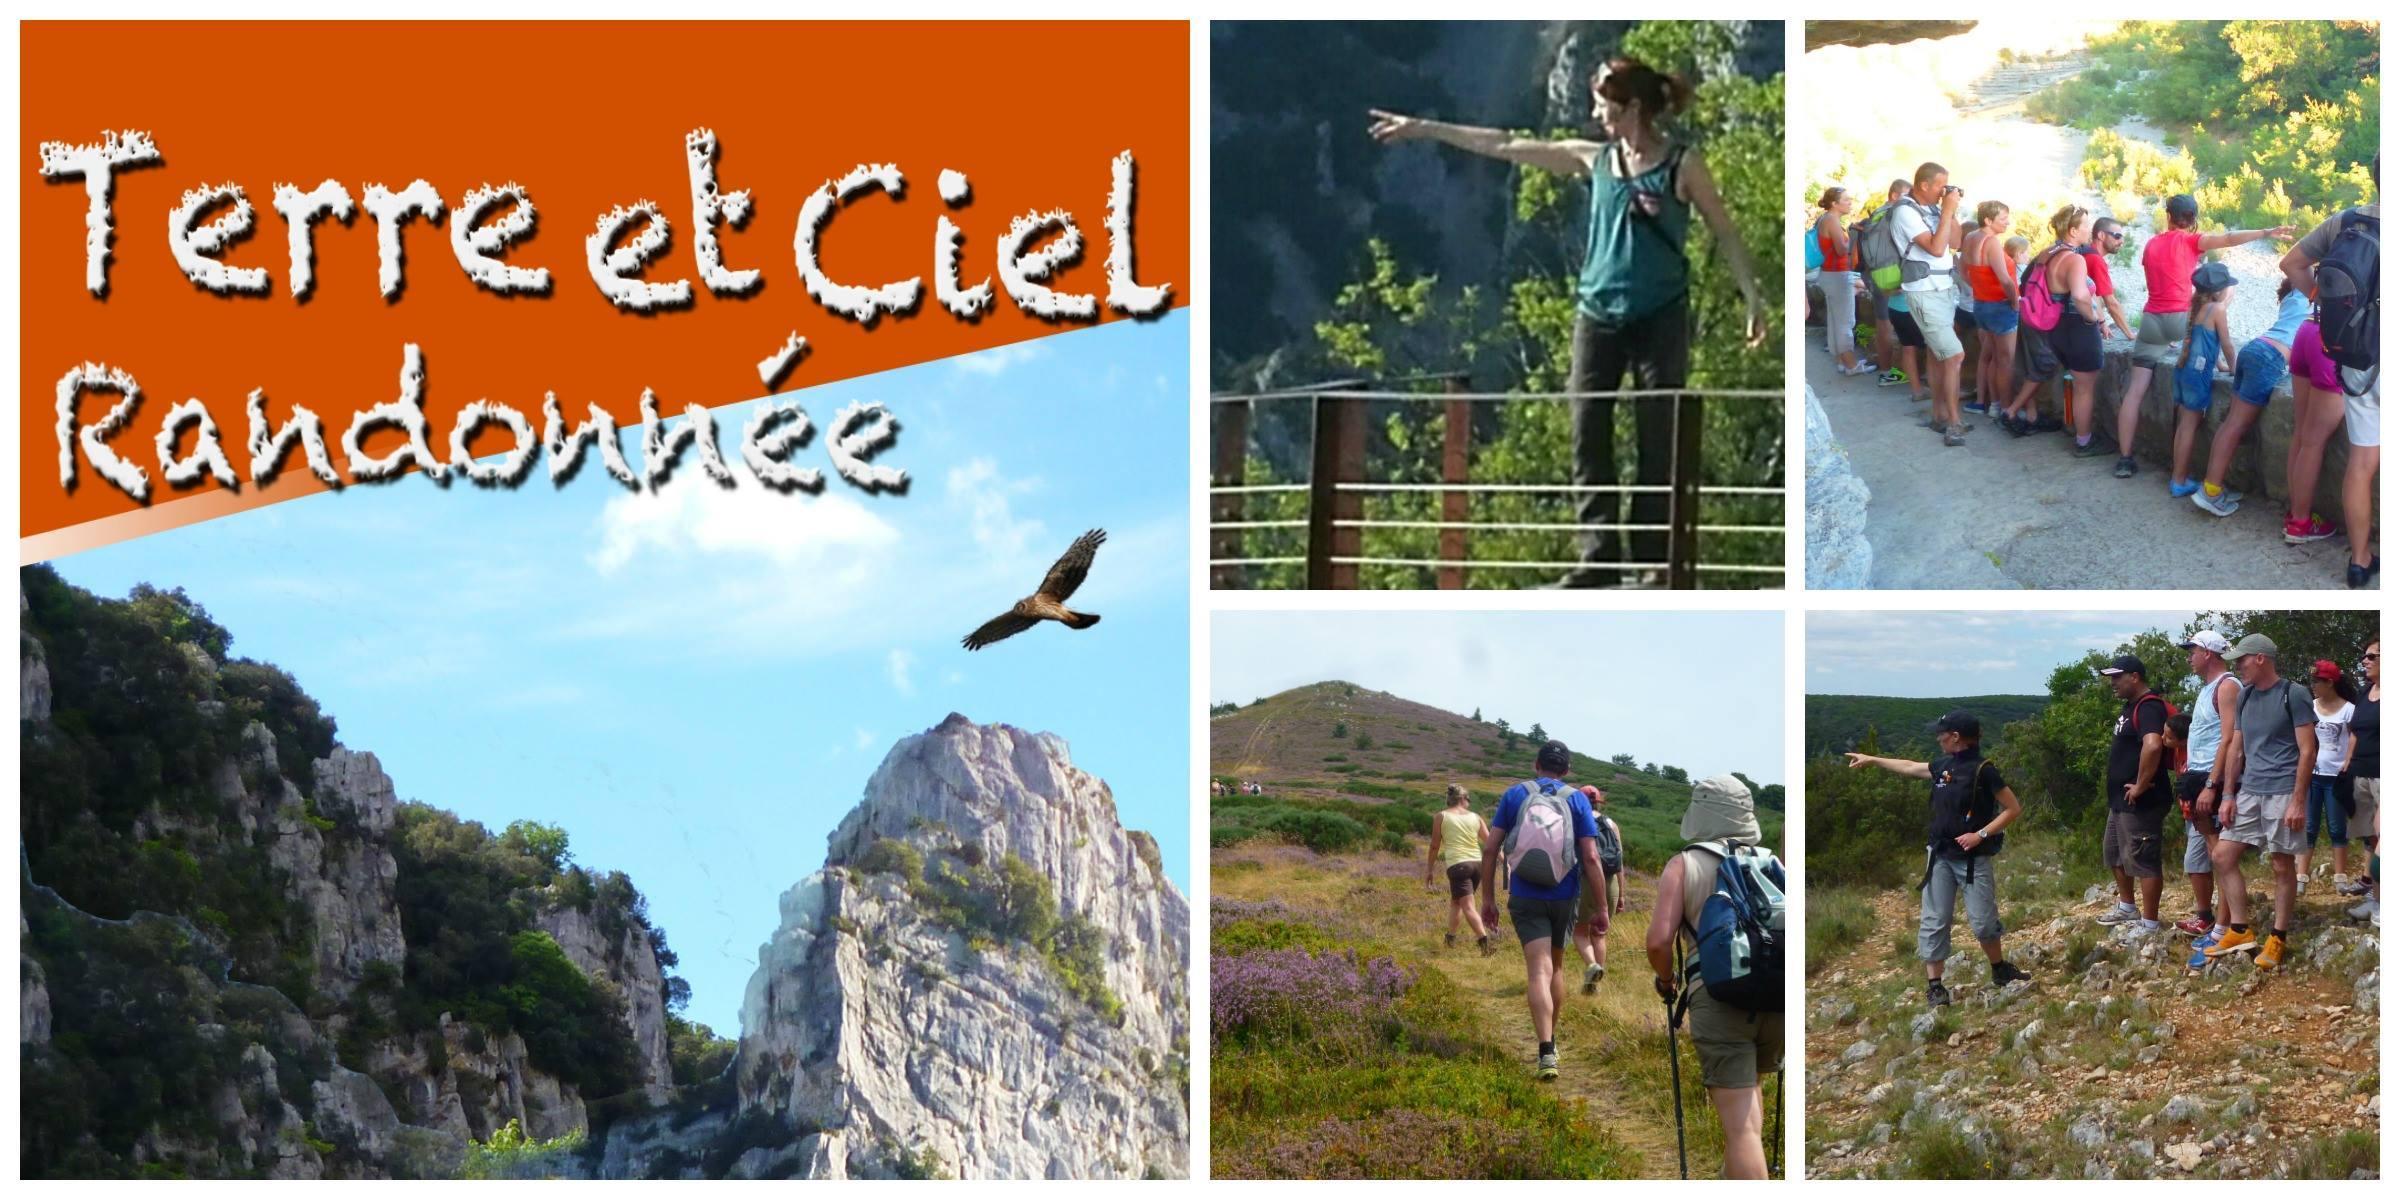 Guide pour découverte culturelle et randonnée en Ardèche